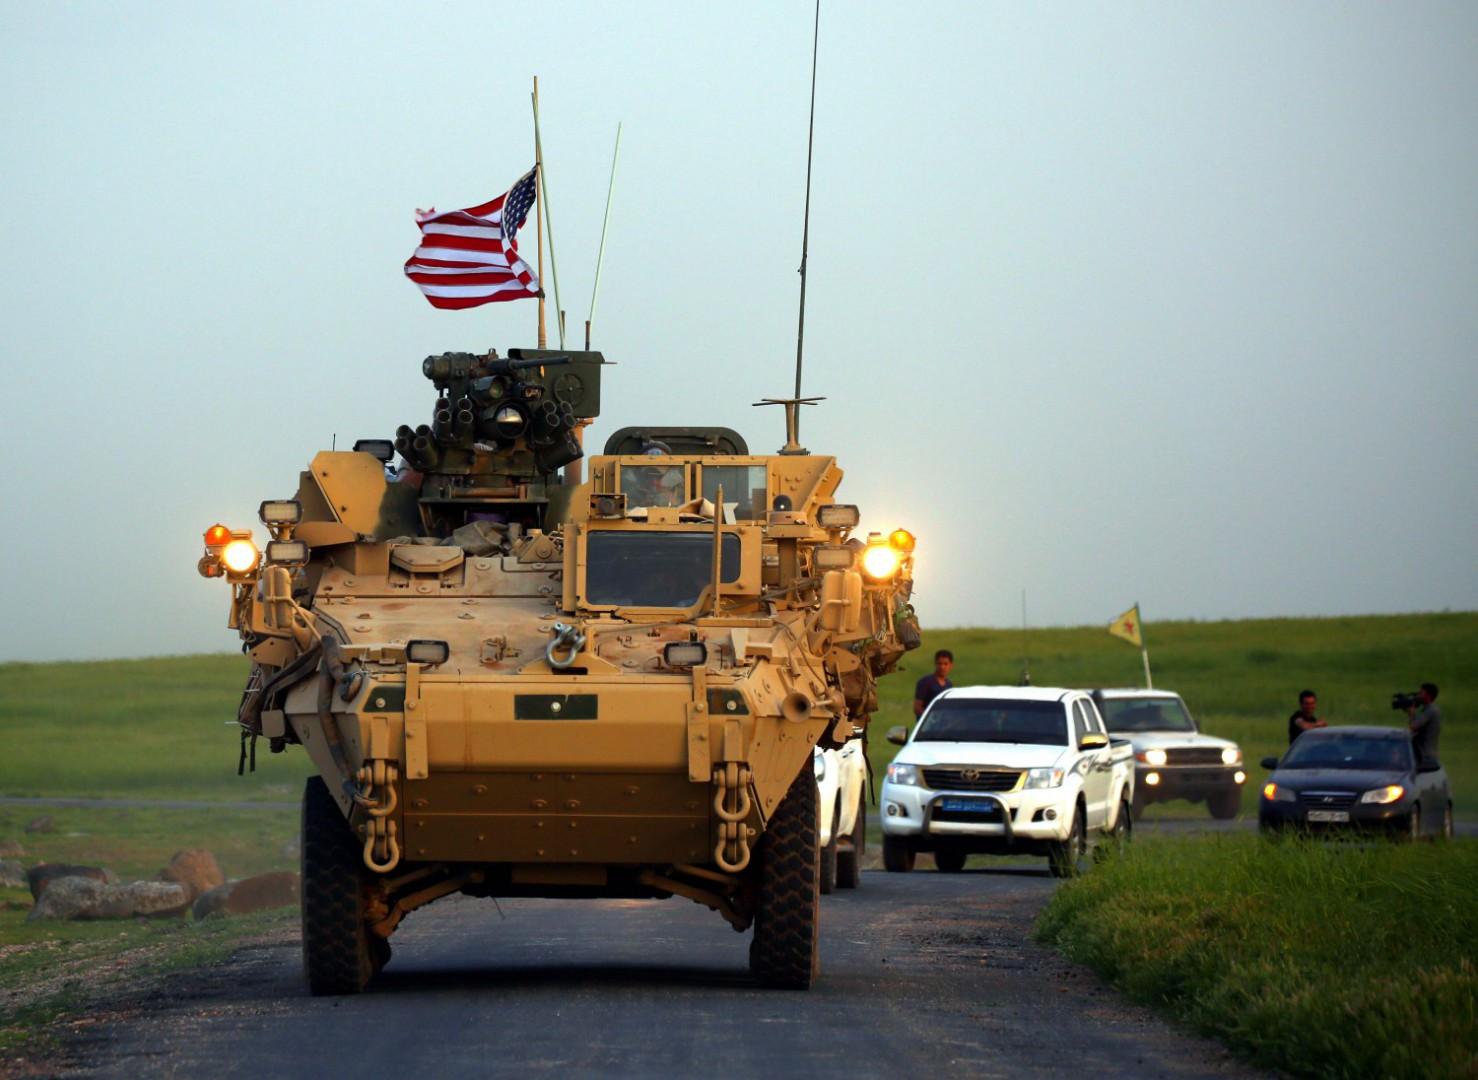 Gli Stati Uniti hanno annunciato il ritiro delle truppe dalla Siria